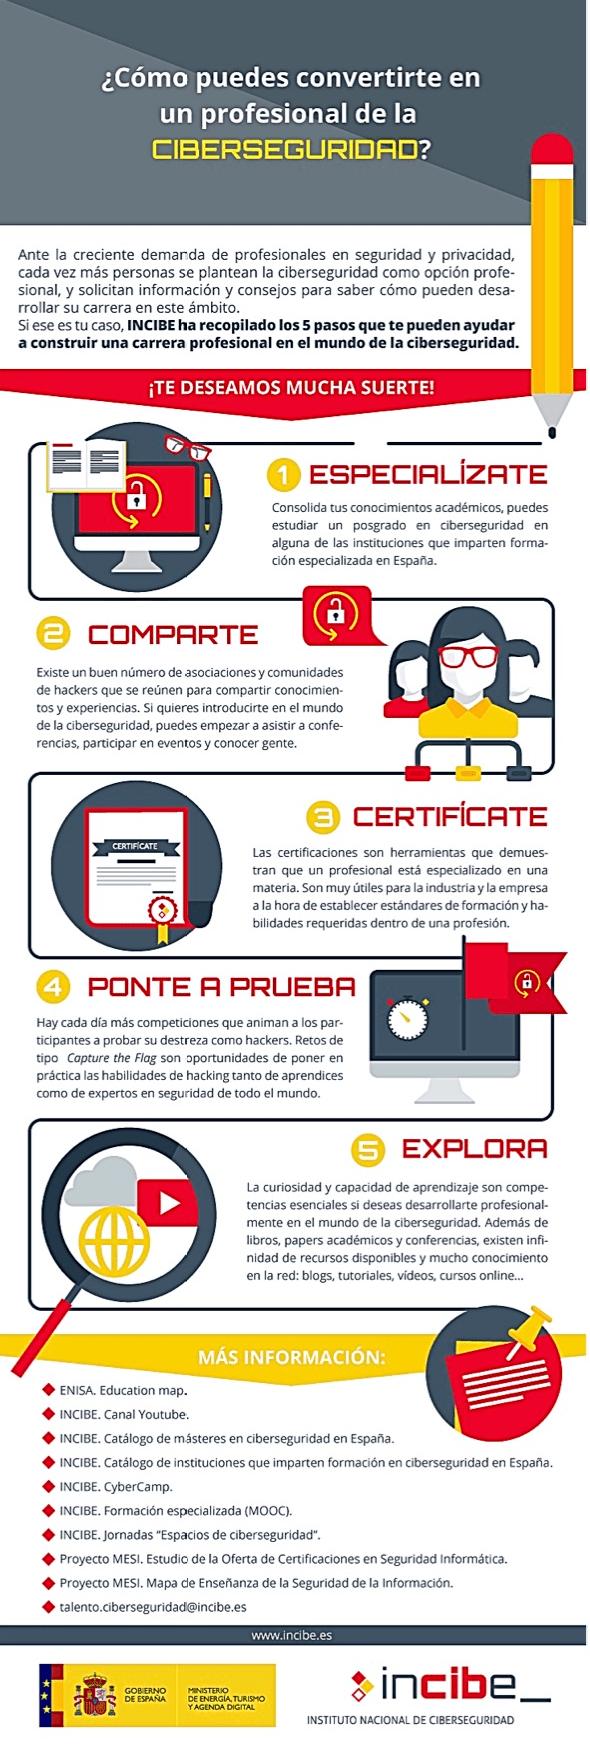 Cómo convertirte en un profesional de la Ciberseguridad